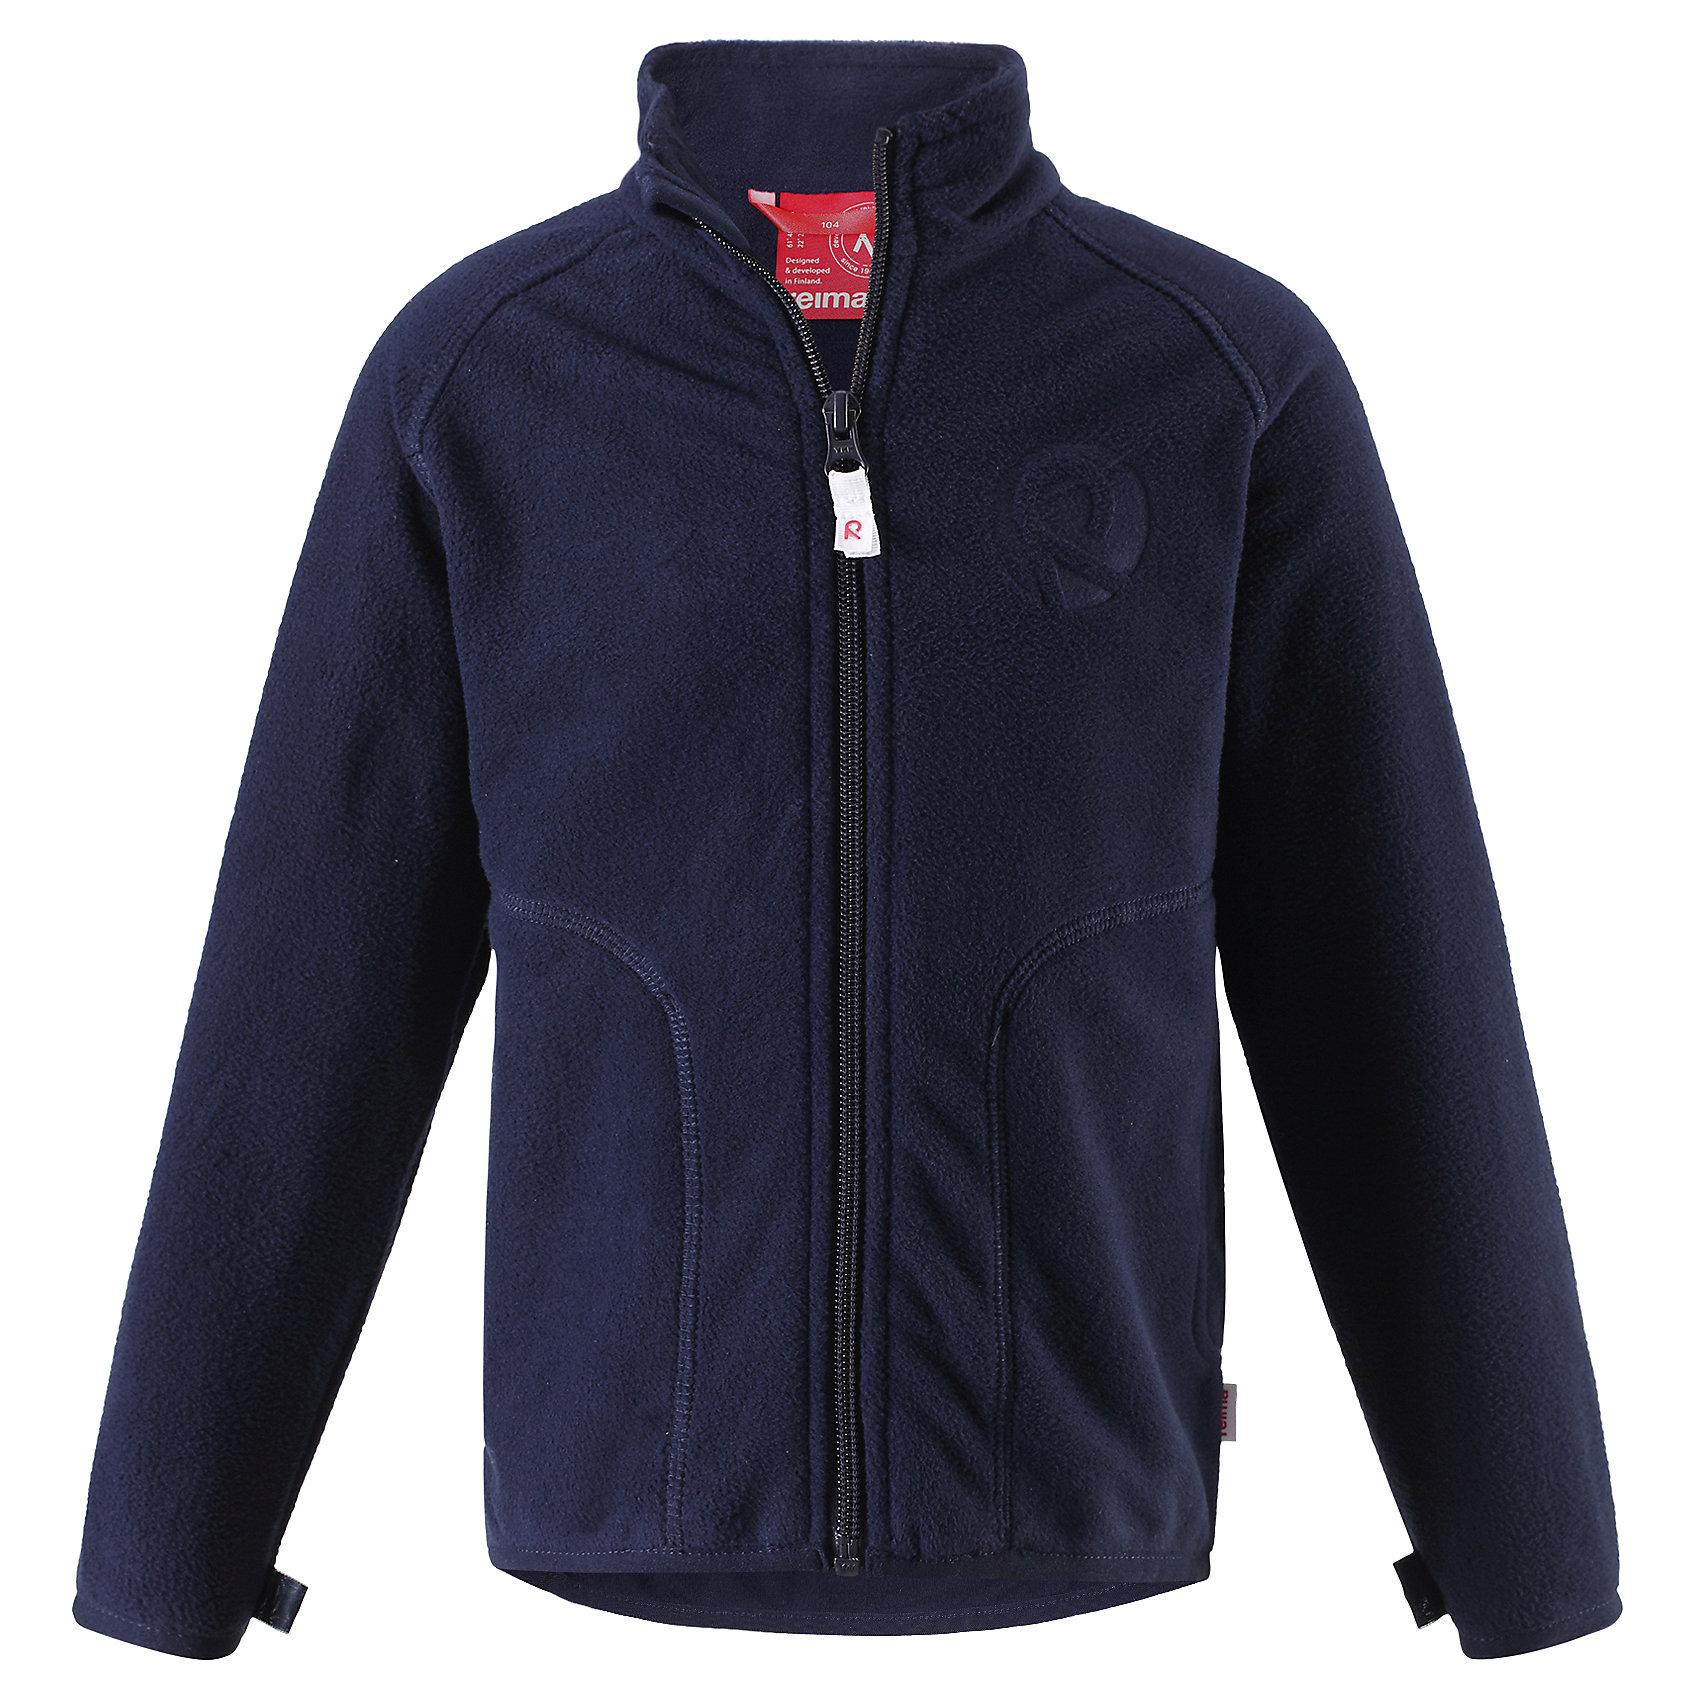 Куртка флисовая для мальчика ReimaКуртка флисовая для мальчика от финского бренда Reima.<br>Флисовая куртка для детей. Теплый, легкий и быстросохнущий поларфлис. Может пристегиваться к верхней одежде Reima® кнопками Play Layers®. Эластичные манжеты и подол. Удлиненный подол сзади для дополнительной защиты. Молния по всей длине с защитой подбородка. Два боковых кармана. Аппликация.<br>Состав:<br>100% Полиэстер<br><br><br>Уход:<br>Стирать с бельем одинакового цвета, вывернув наизнанку. Застегнуть молнии. Стирать моющим средством, не содержащим отбеливающие вещества. Полоскать без специального средства. Сушить при низкой температуре.<br><br>Ширина мм: 356<br>Глубина мм: 10<br>Высота мм: 245<br>Вес г: 519<br>Цвет: синий<br>Возраст от месяцев: 96<br>Возраст до месяцев: 108<br>Пол: Мужской<br>Возраст: Детский<br>Размер: 134,122,110,128,116,92,140,98,104<br>SKU: 5268116